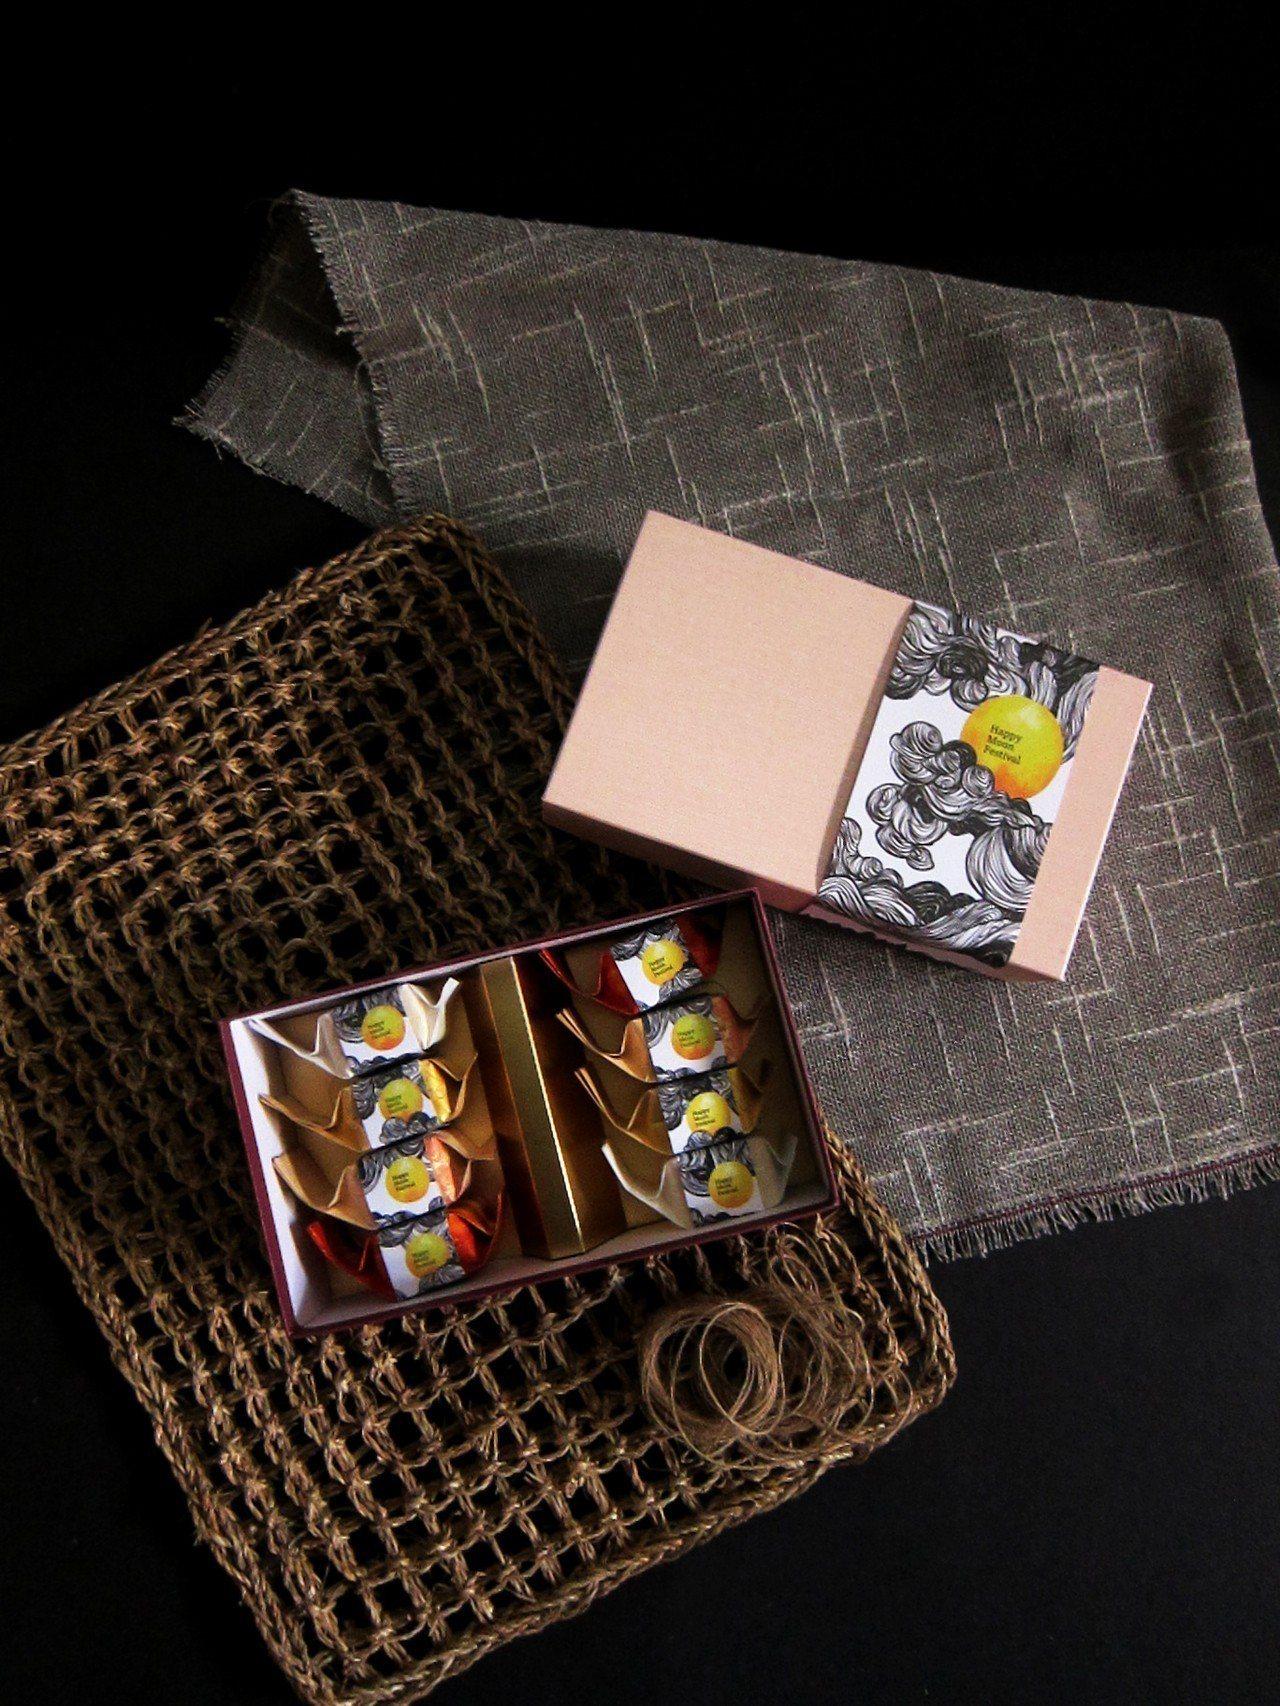 秋之樂章禮盒,鳳梨酥8入,售價380元。圖/溫德德式烘焙餐館提供